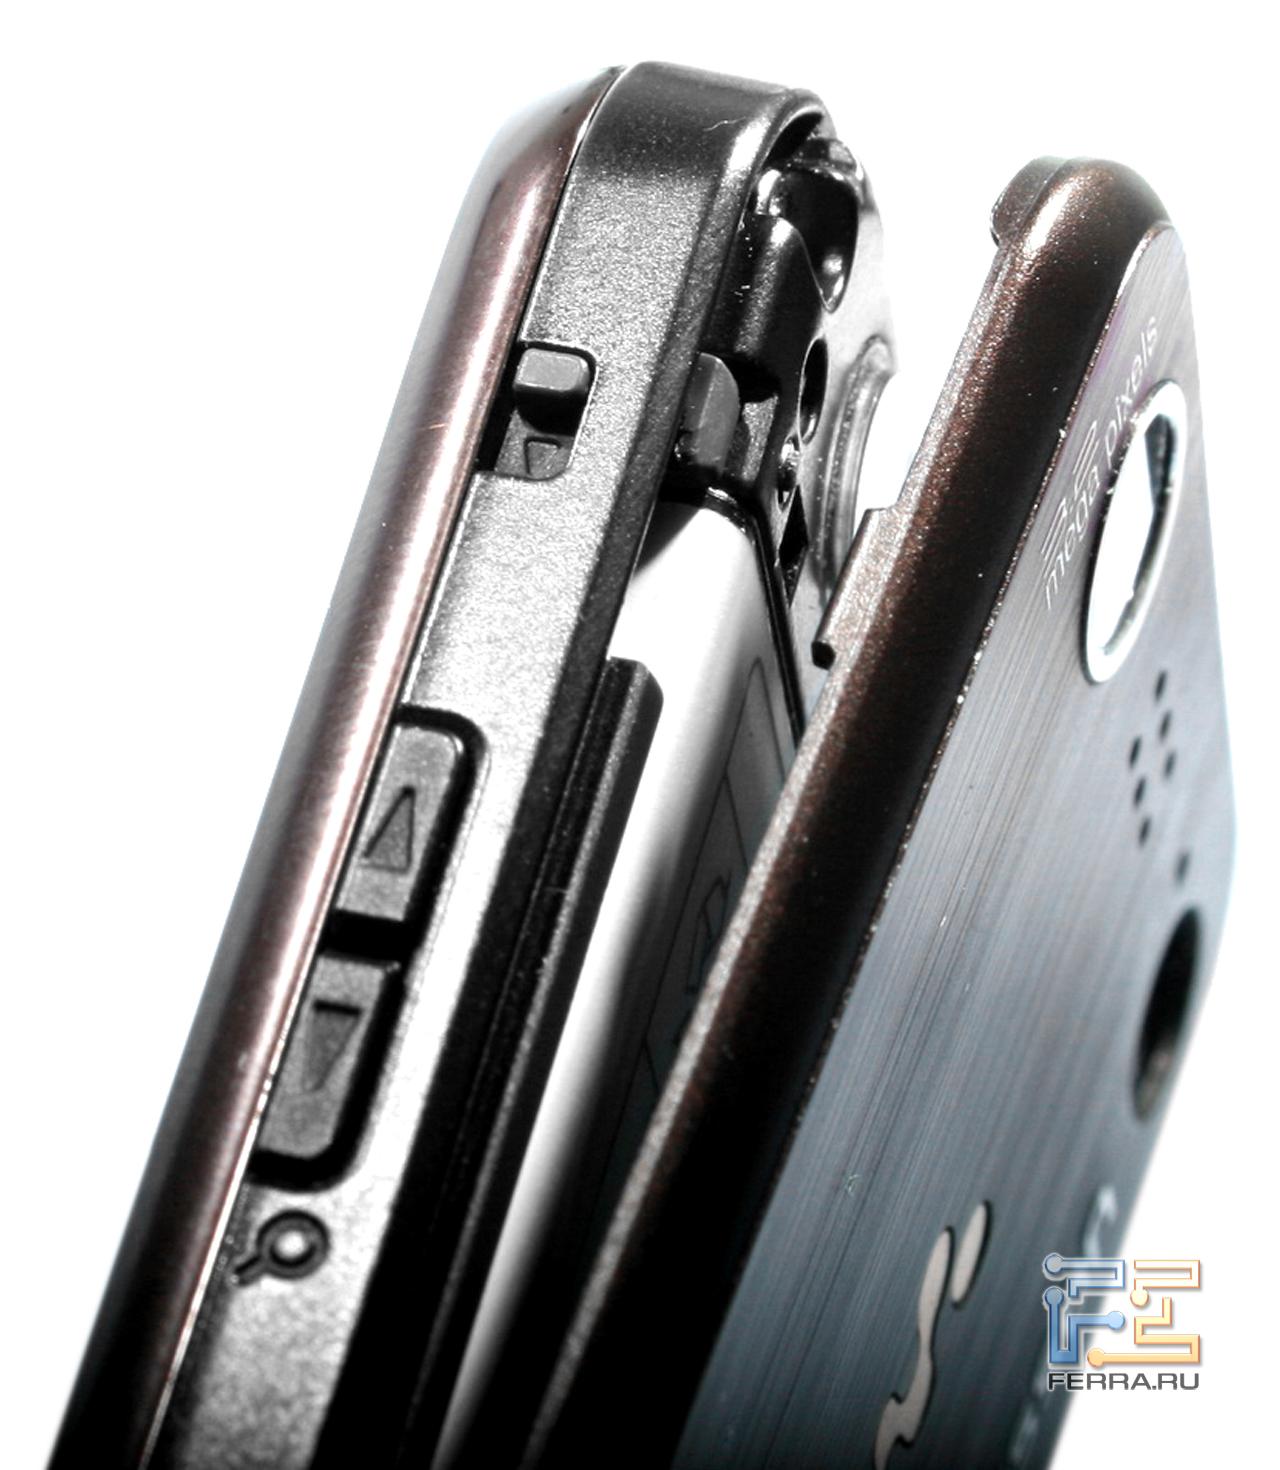 Sony Ericsson W890i.